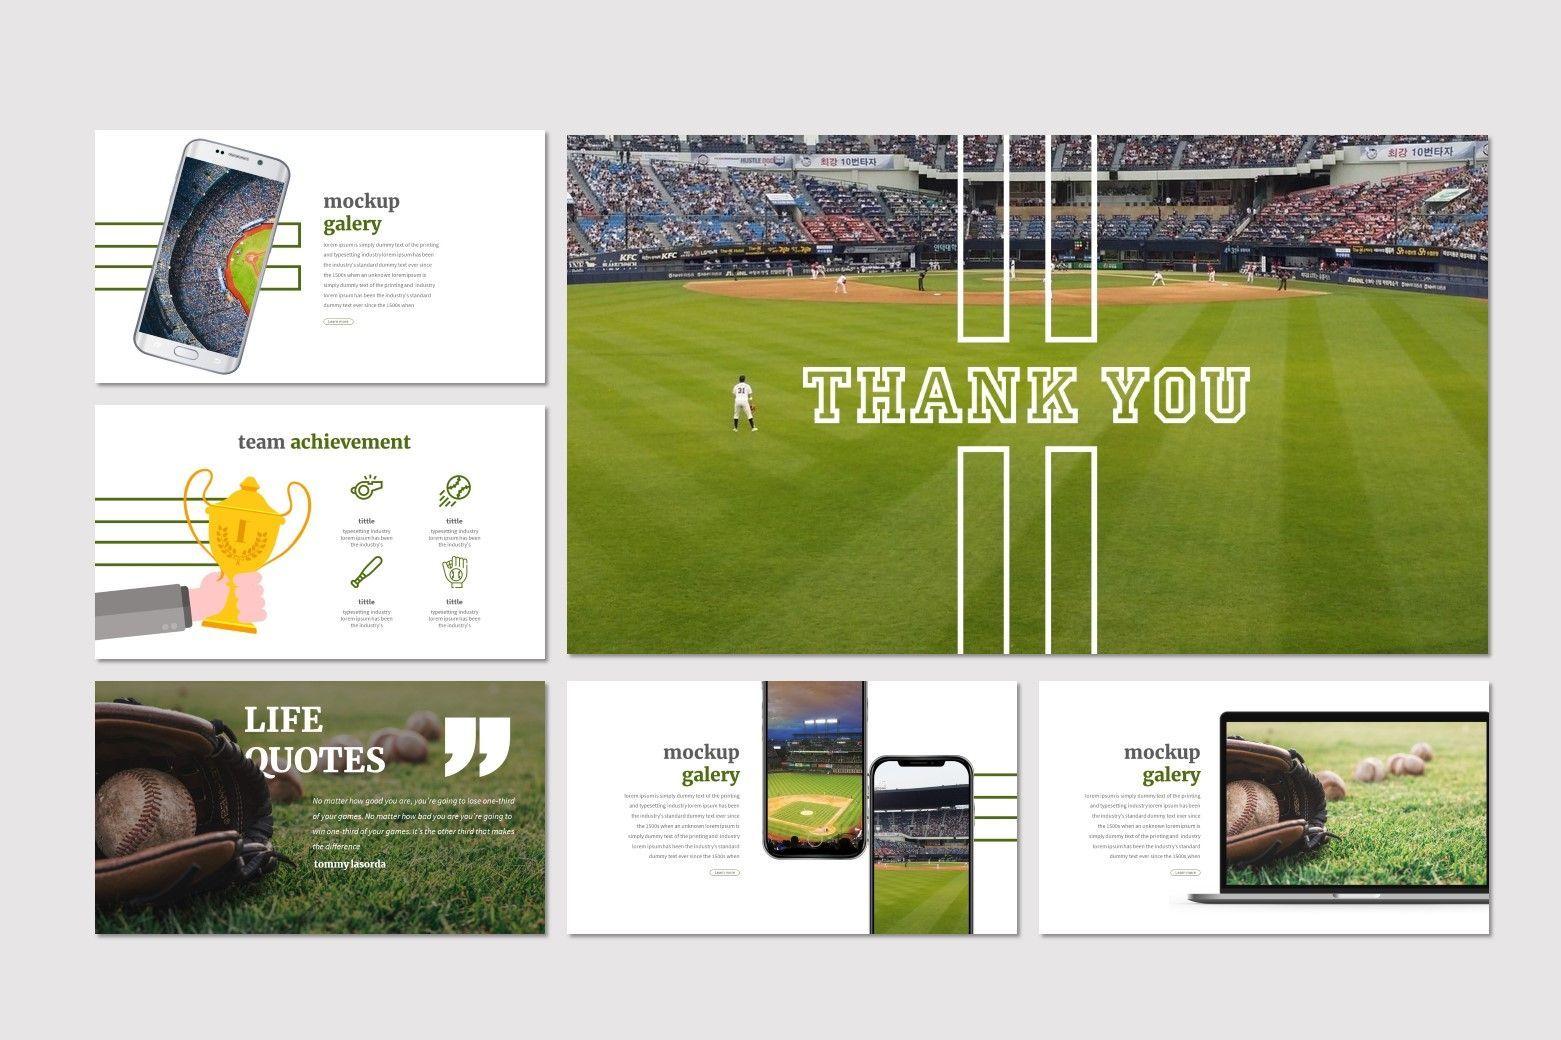 Homerun - Google Slides Template, Slide 5, 07278, Presentation Templates — PoweredTemplate.com